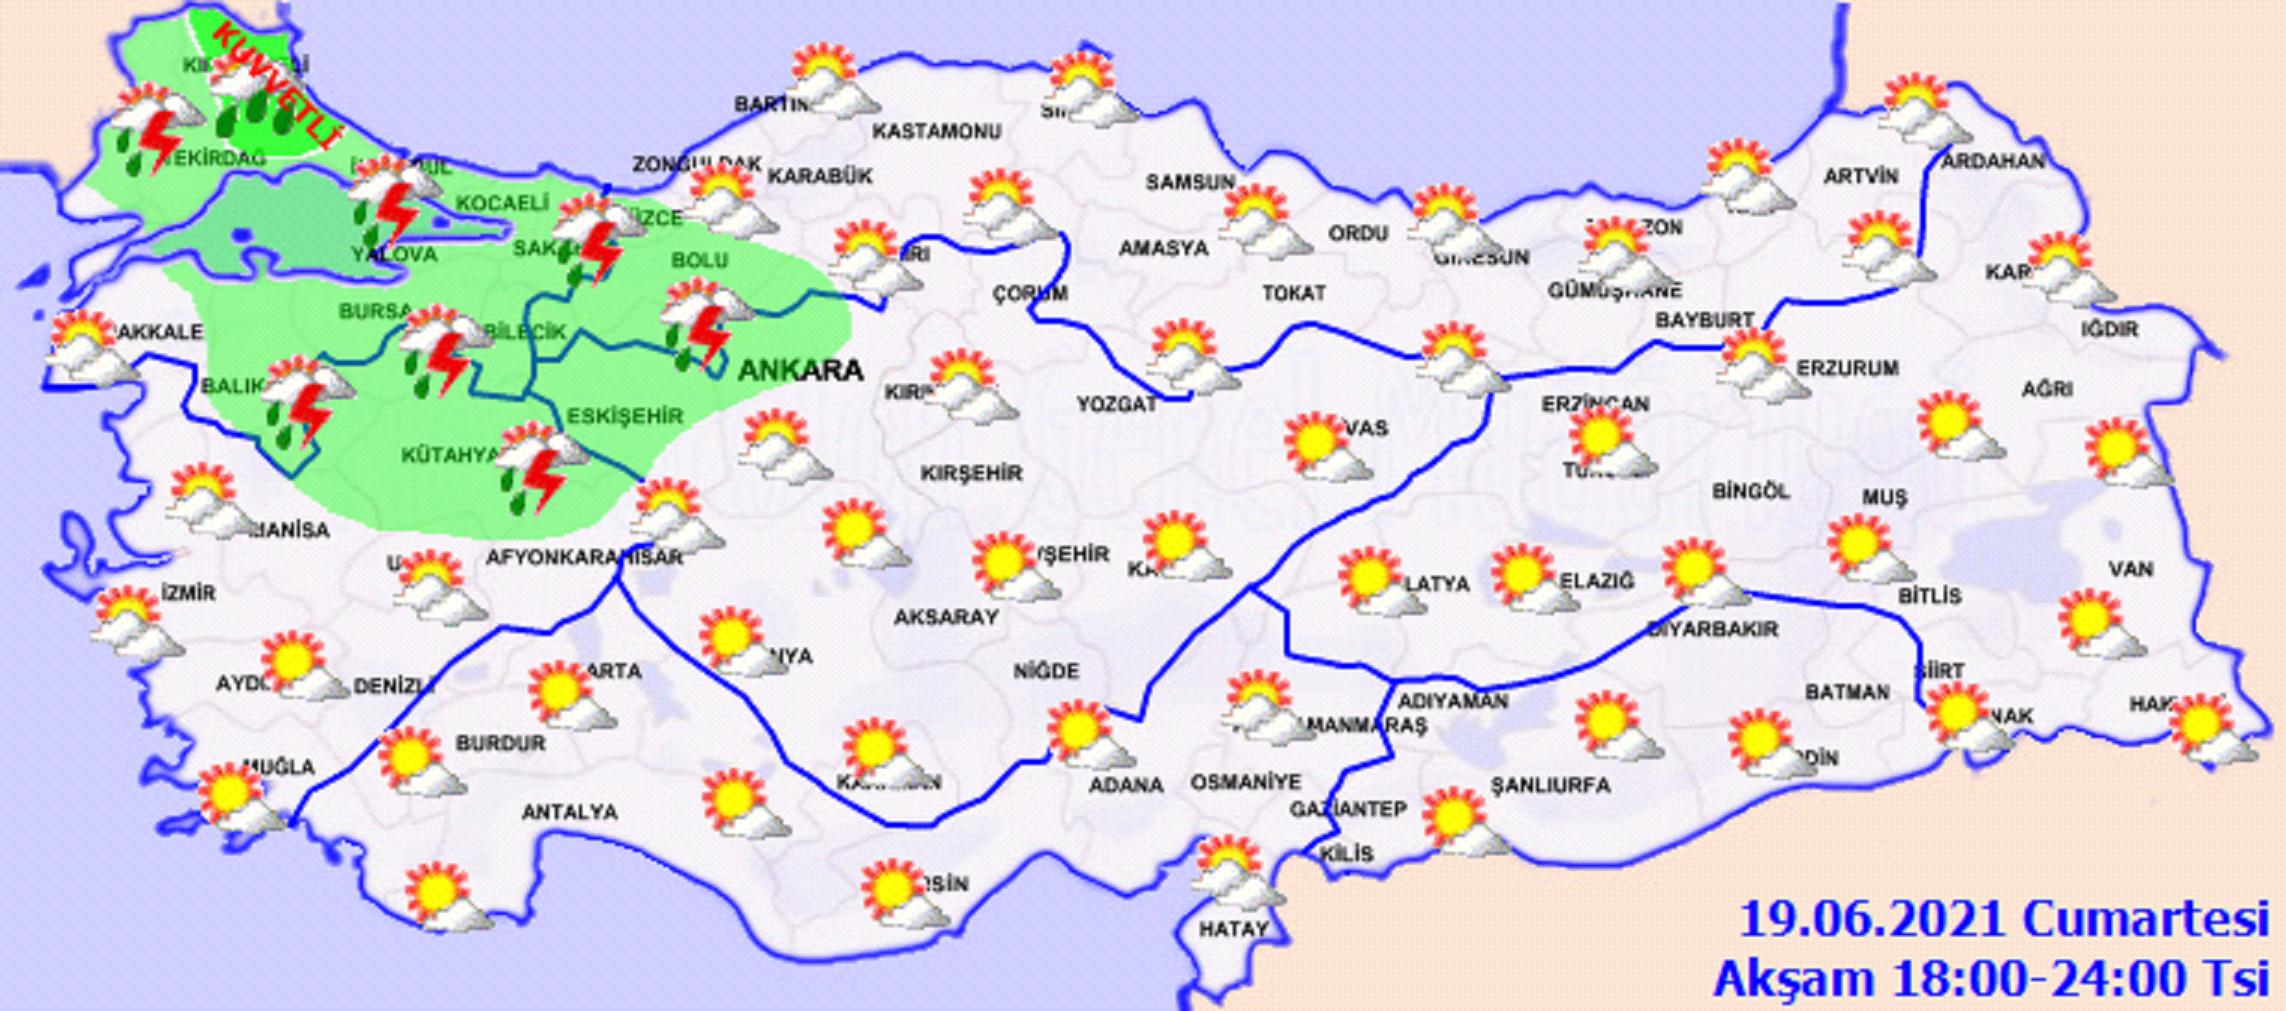 Yurdun batı kesimleri yağışlara teslim! Güneş yüzünü göstermiyor! 19 Haziran 2021 Cumartesi il il, haritalı hava durumu